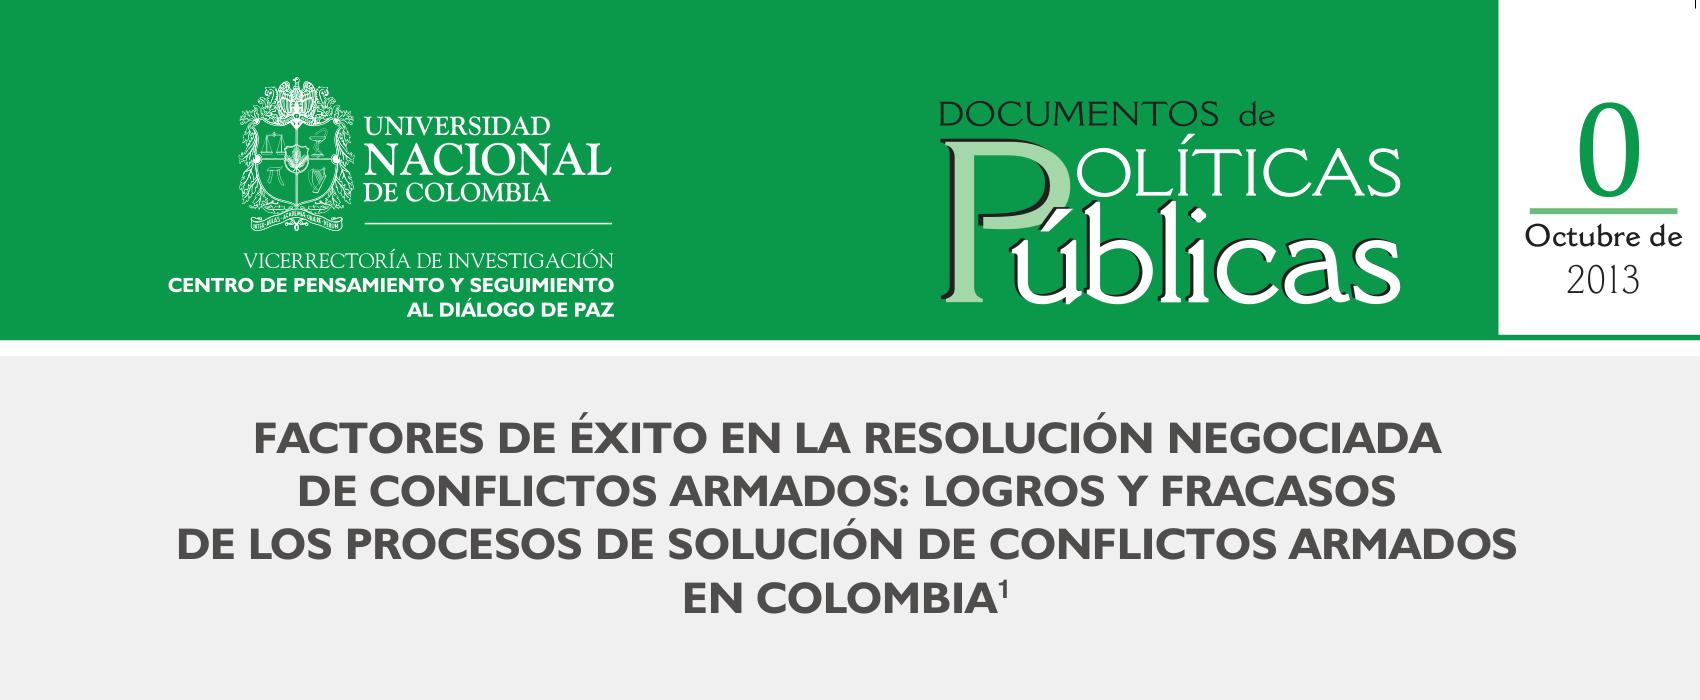 0: «Factores de éxito en la resolución negociada de conflictos armados: logros y fracasos de los procesos de solución de conflictos armados en Colombia»